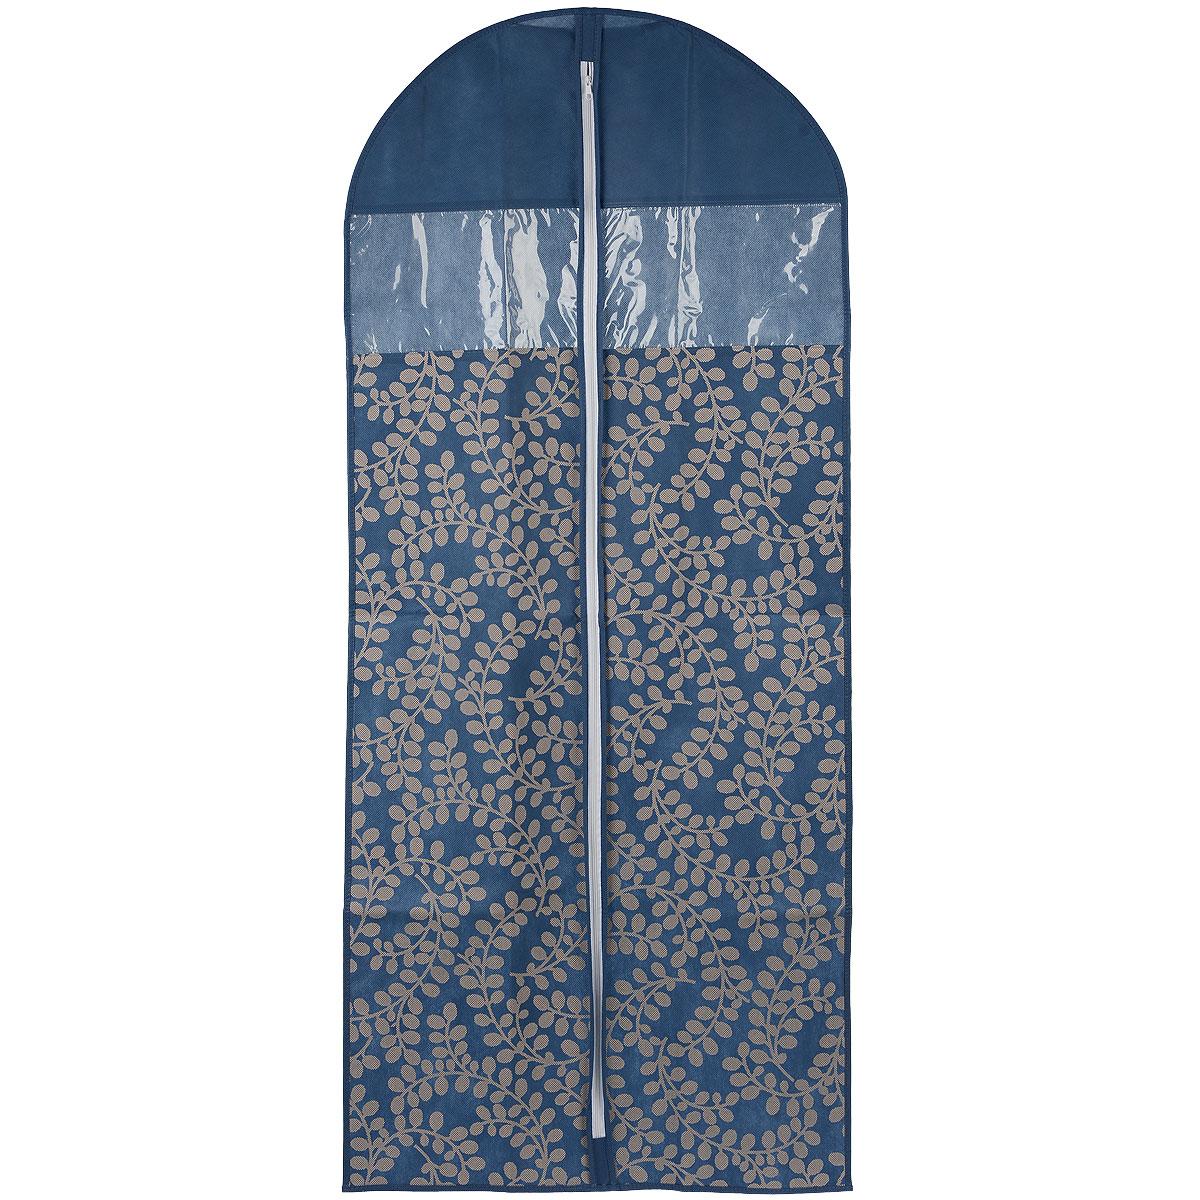 Чехол для пальто Cosatto Флораль, цвет: синий, 137 см х 60 смCOVLCATF10 голубойЧехол для пальто Cosatto Флораль изготовлен из дышащего нетканого материала (полипропилен), безопасного в использовании. Предназначен для хранения пальто и другой длинной верхней одежды. Имеет два прозрачных окна, застежку-молнию и специальное отверстие для крючка вешалки. Красивый растительный узор придает изделию изысканный внешний вид. Материал можно протирать в случае загрязнения влажной тряпкой.